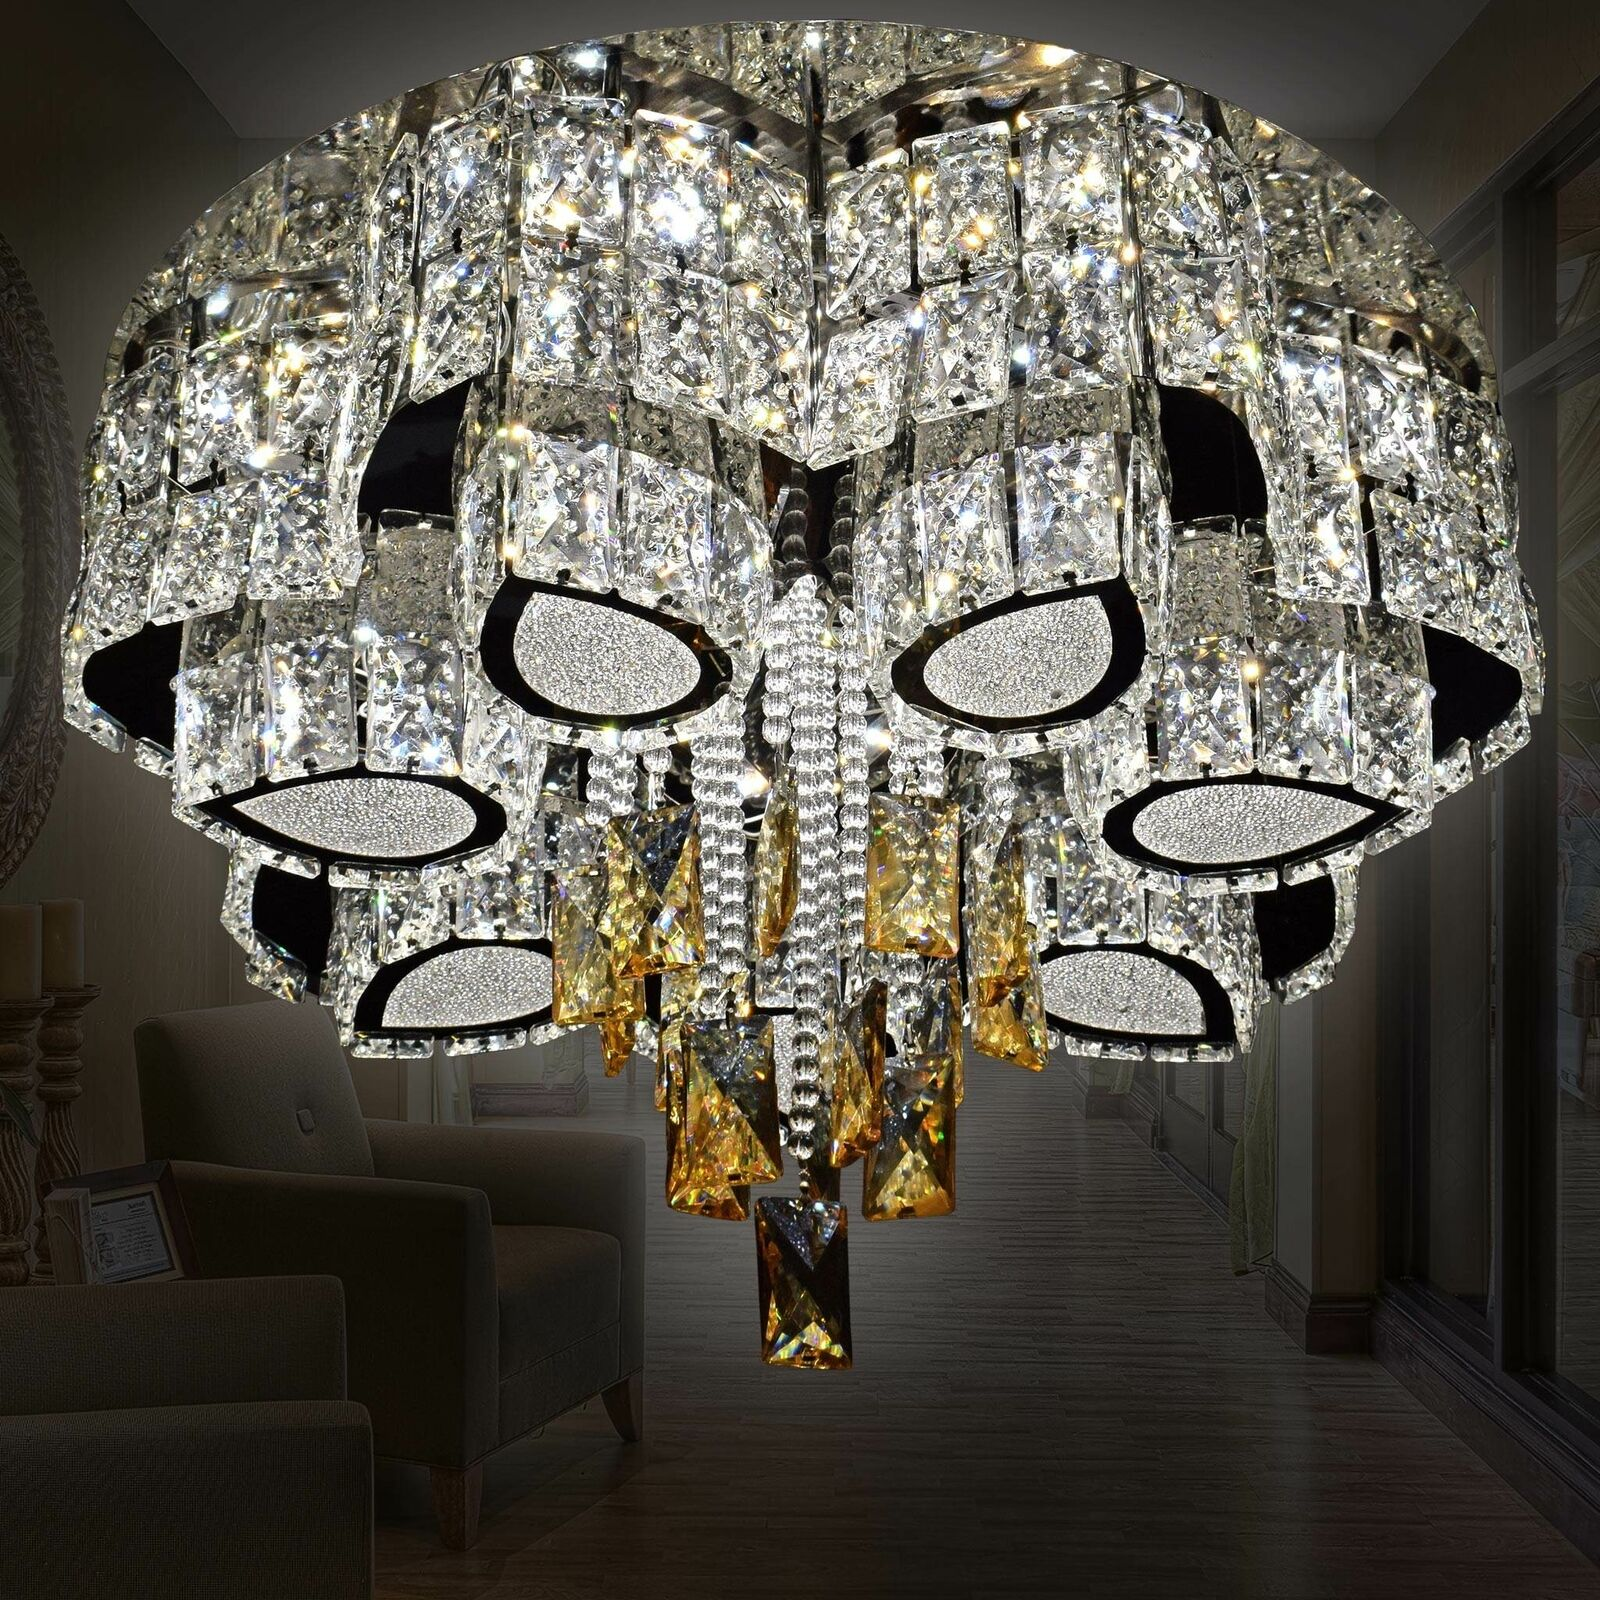 RGB LED Blumen Design Deckenlampe Wohnzimmer Farbwechsel Dielen